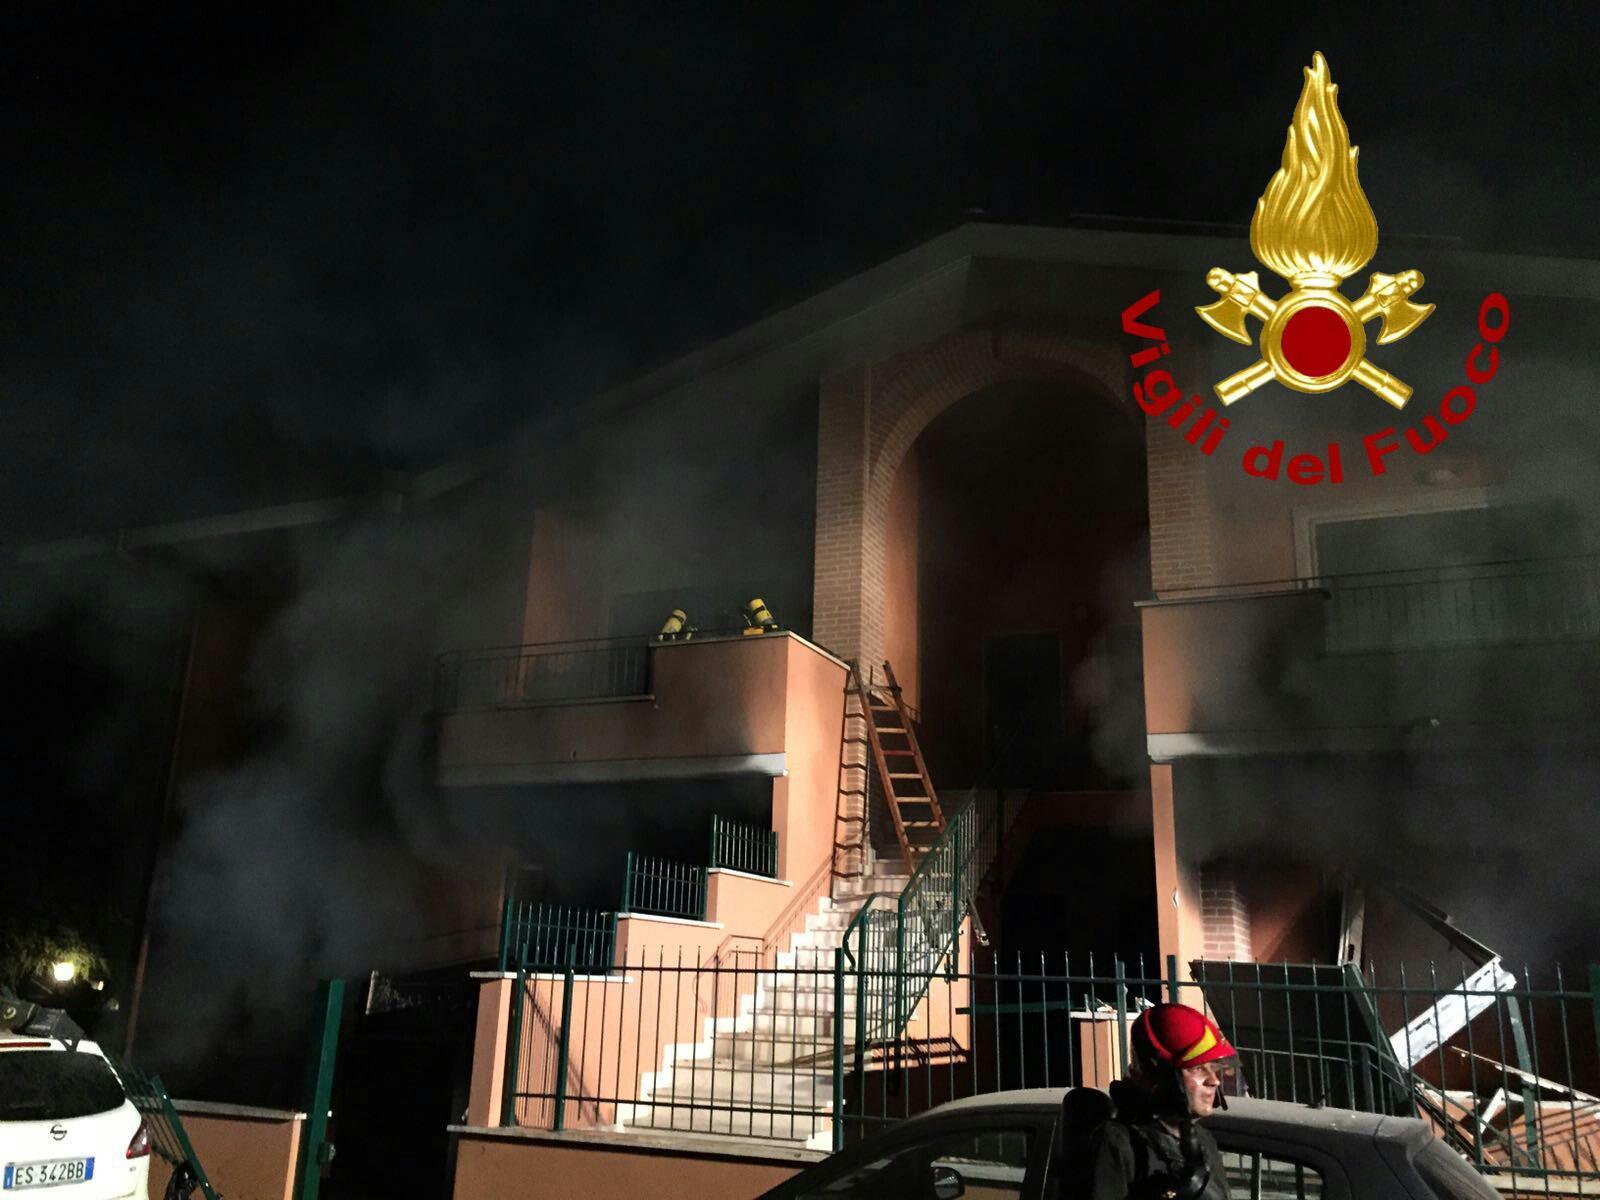 Roma esplosione in una villetta nella notte un morto e quattro feriti